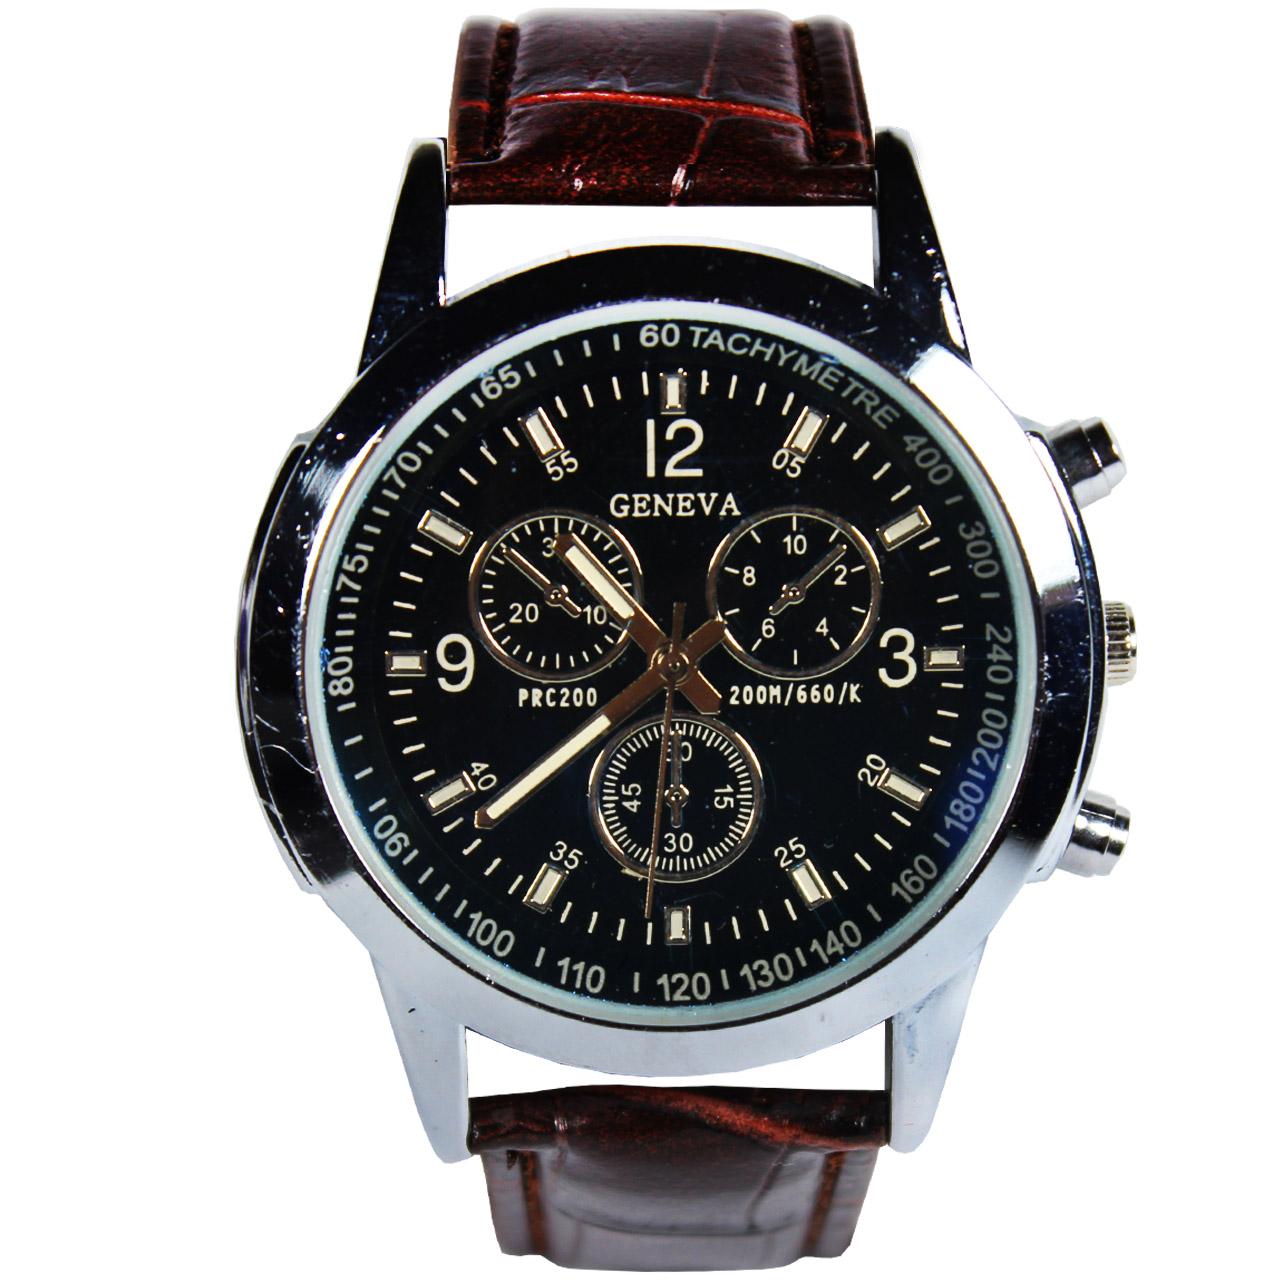 ساعت مچی عقربه ای مردانه جنوا مدل 001 32